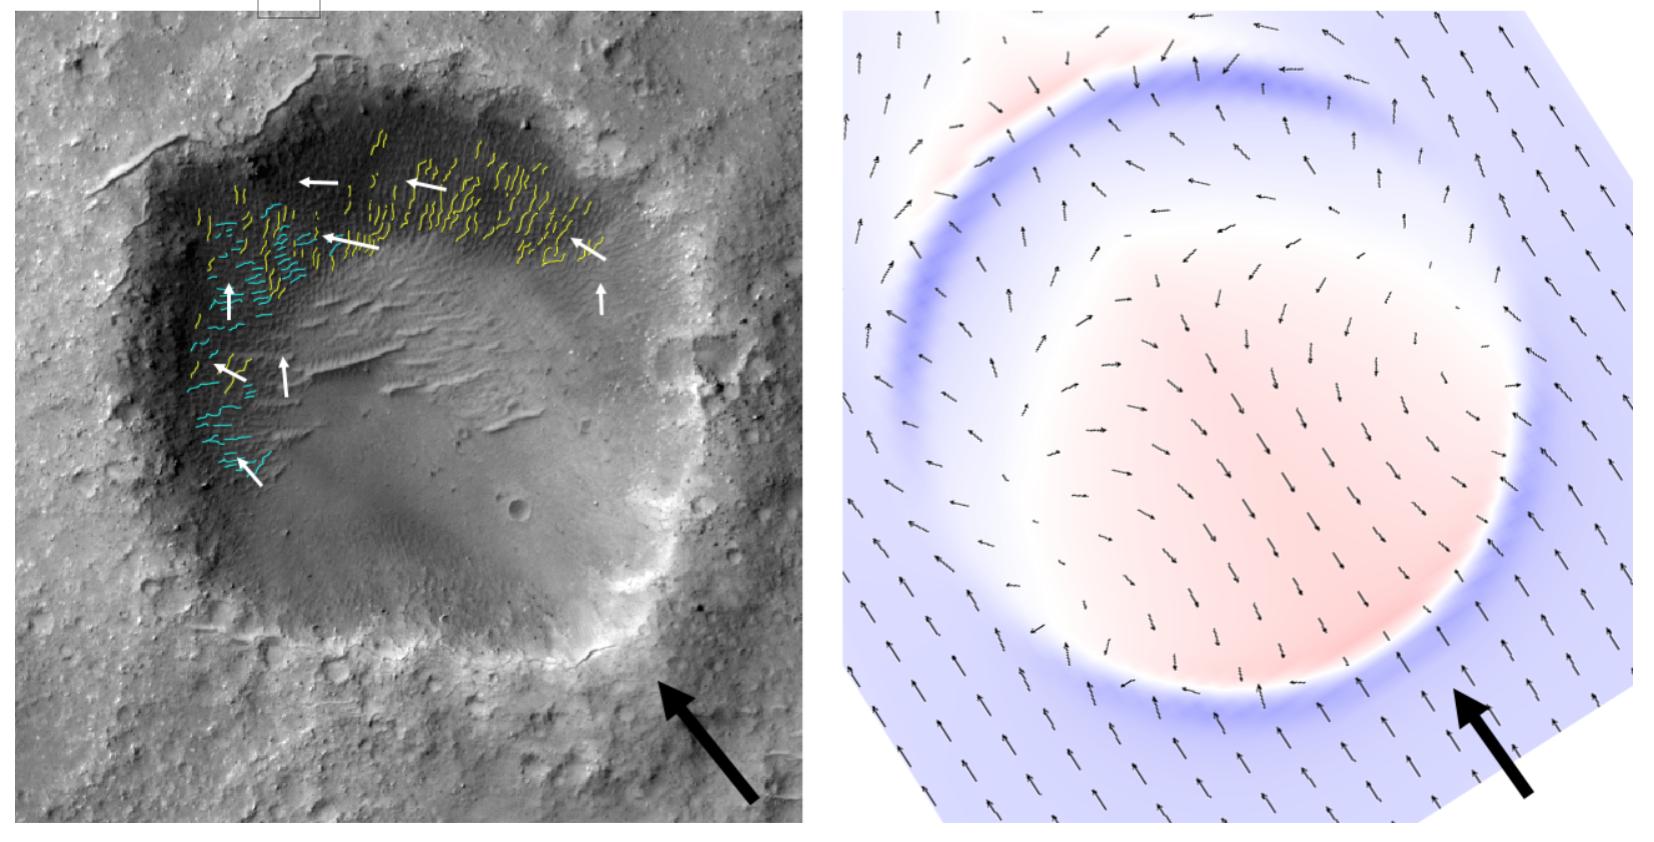 Wind flow model vs. Mars reality